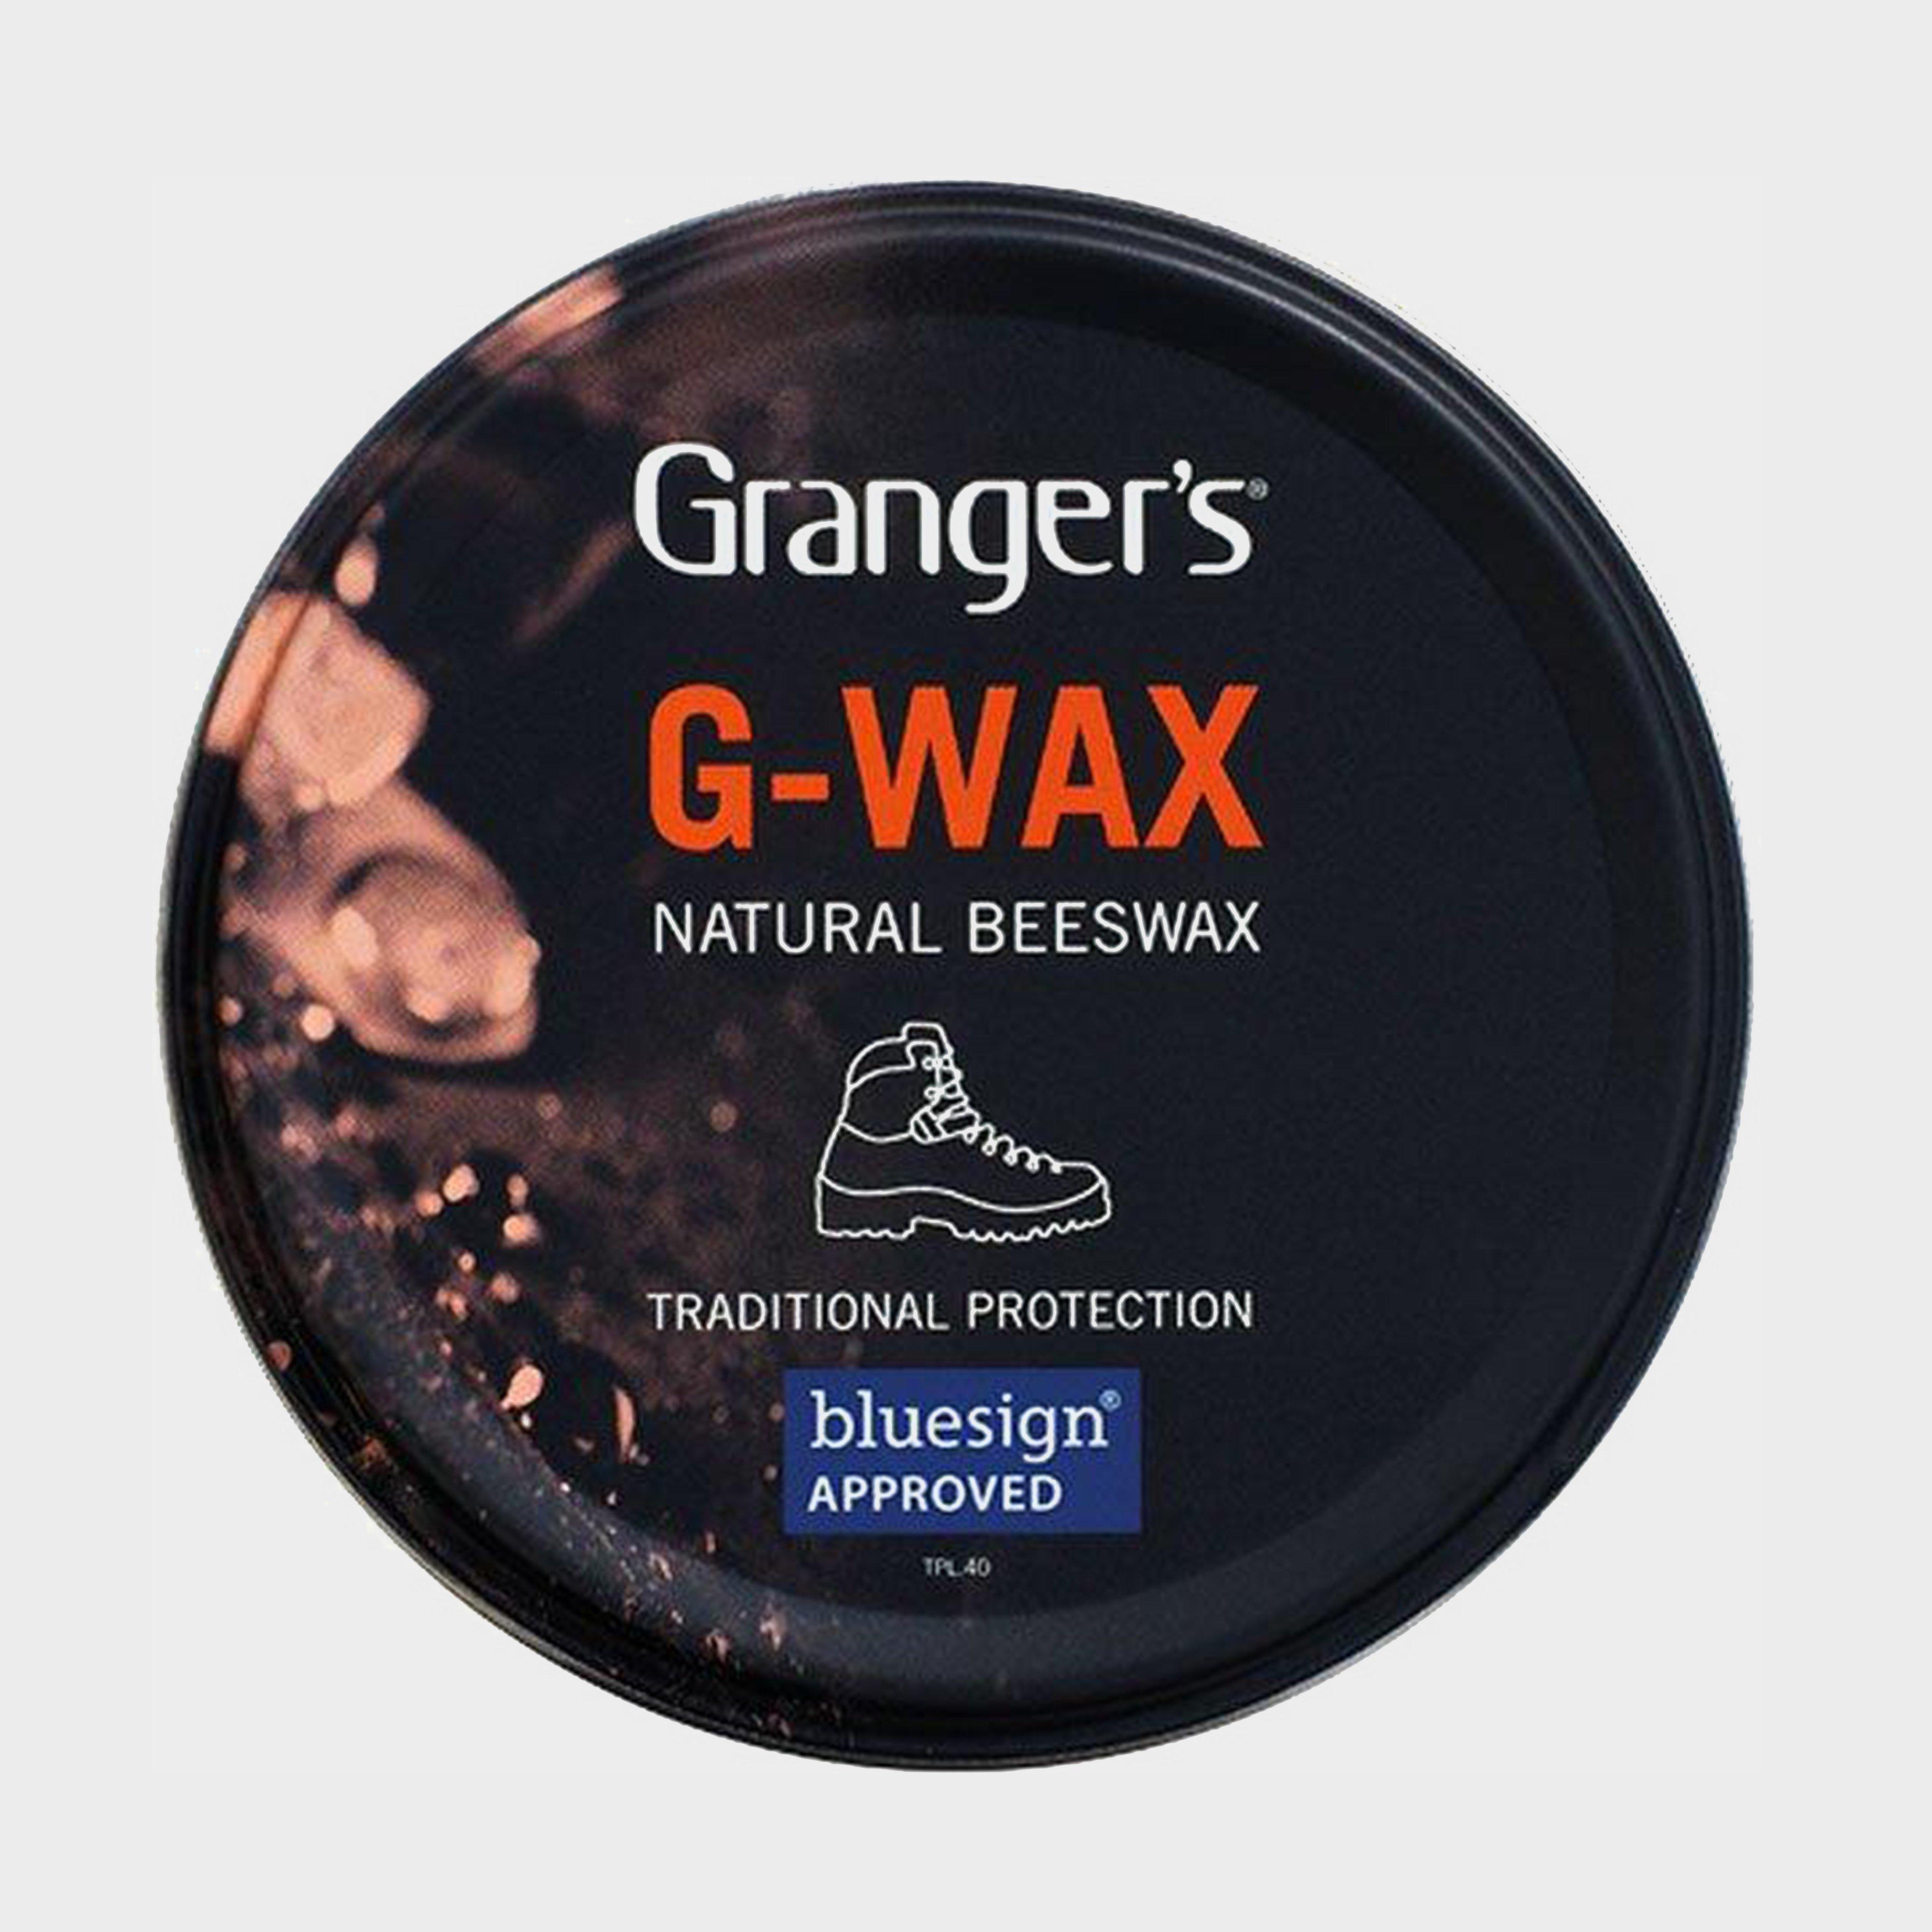 Grangers Grangers G-Wax 80g Tin - N/A, N/A